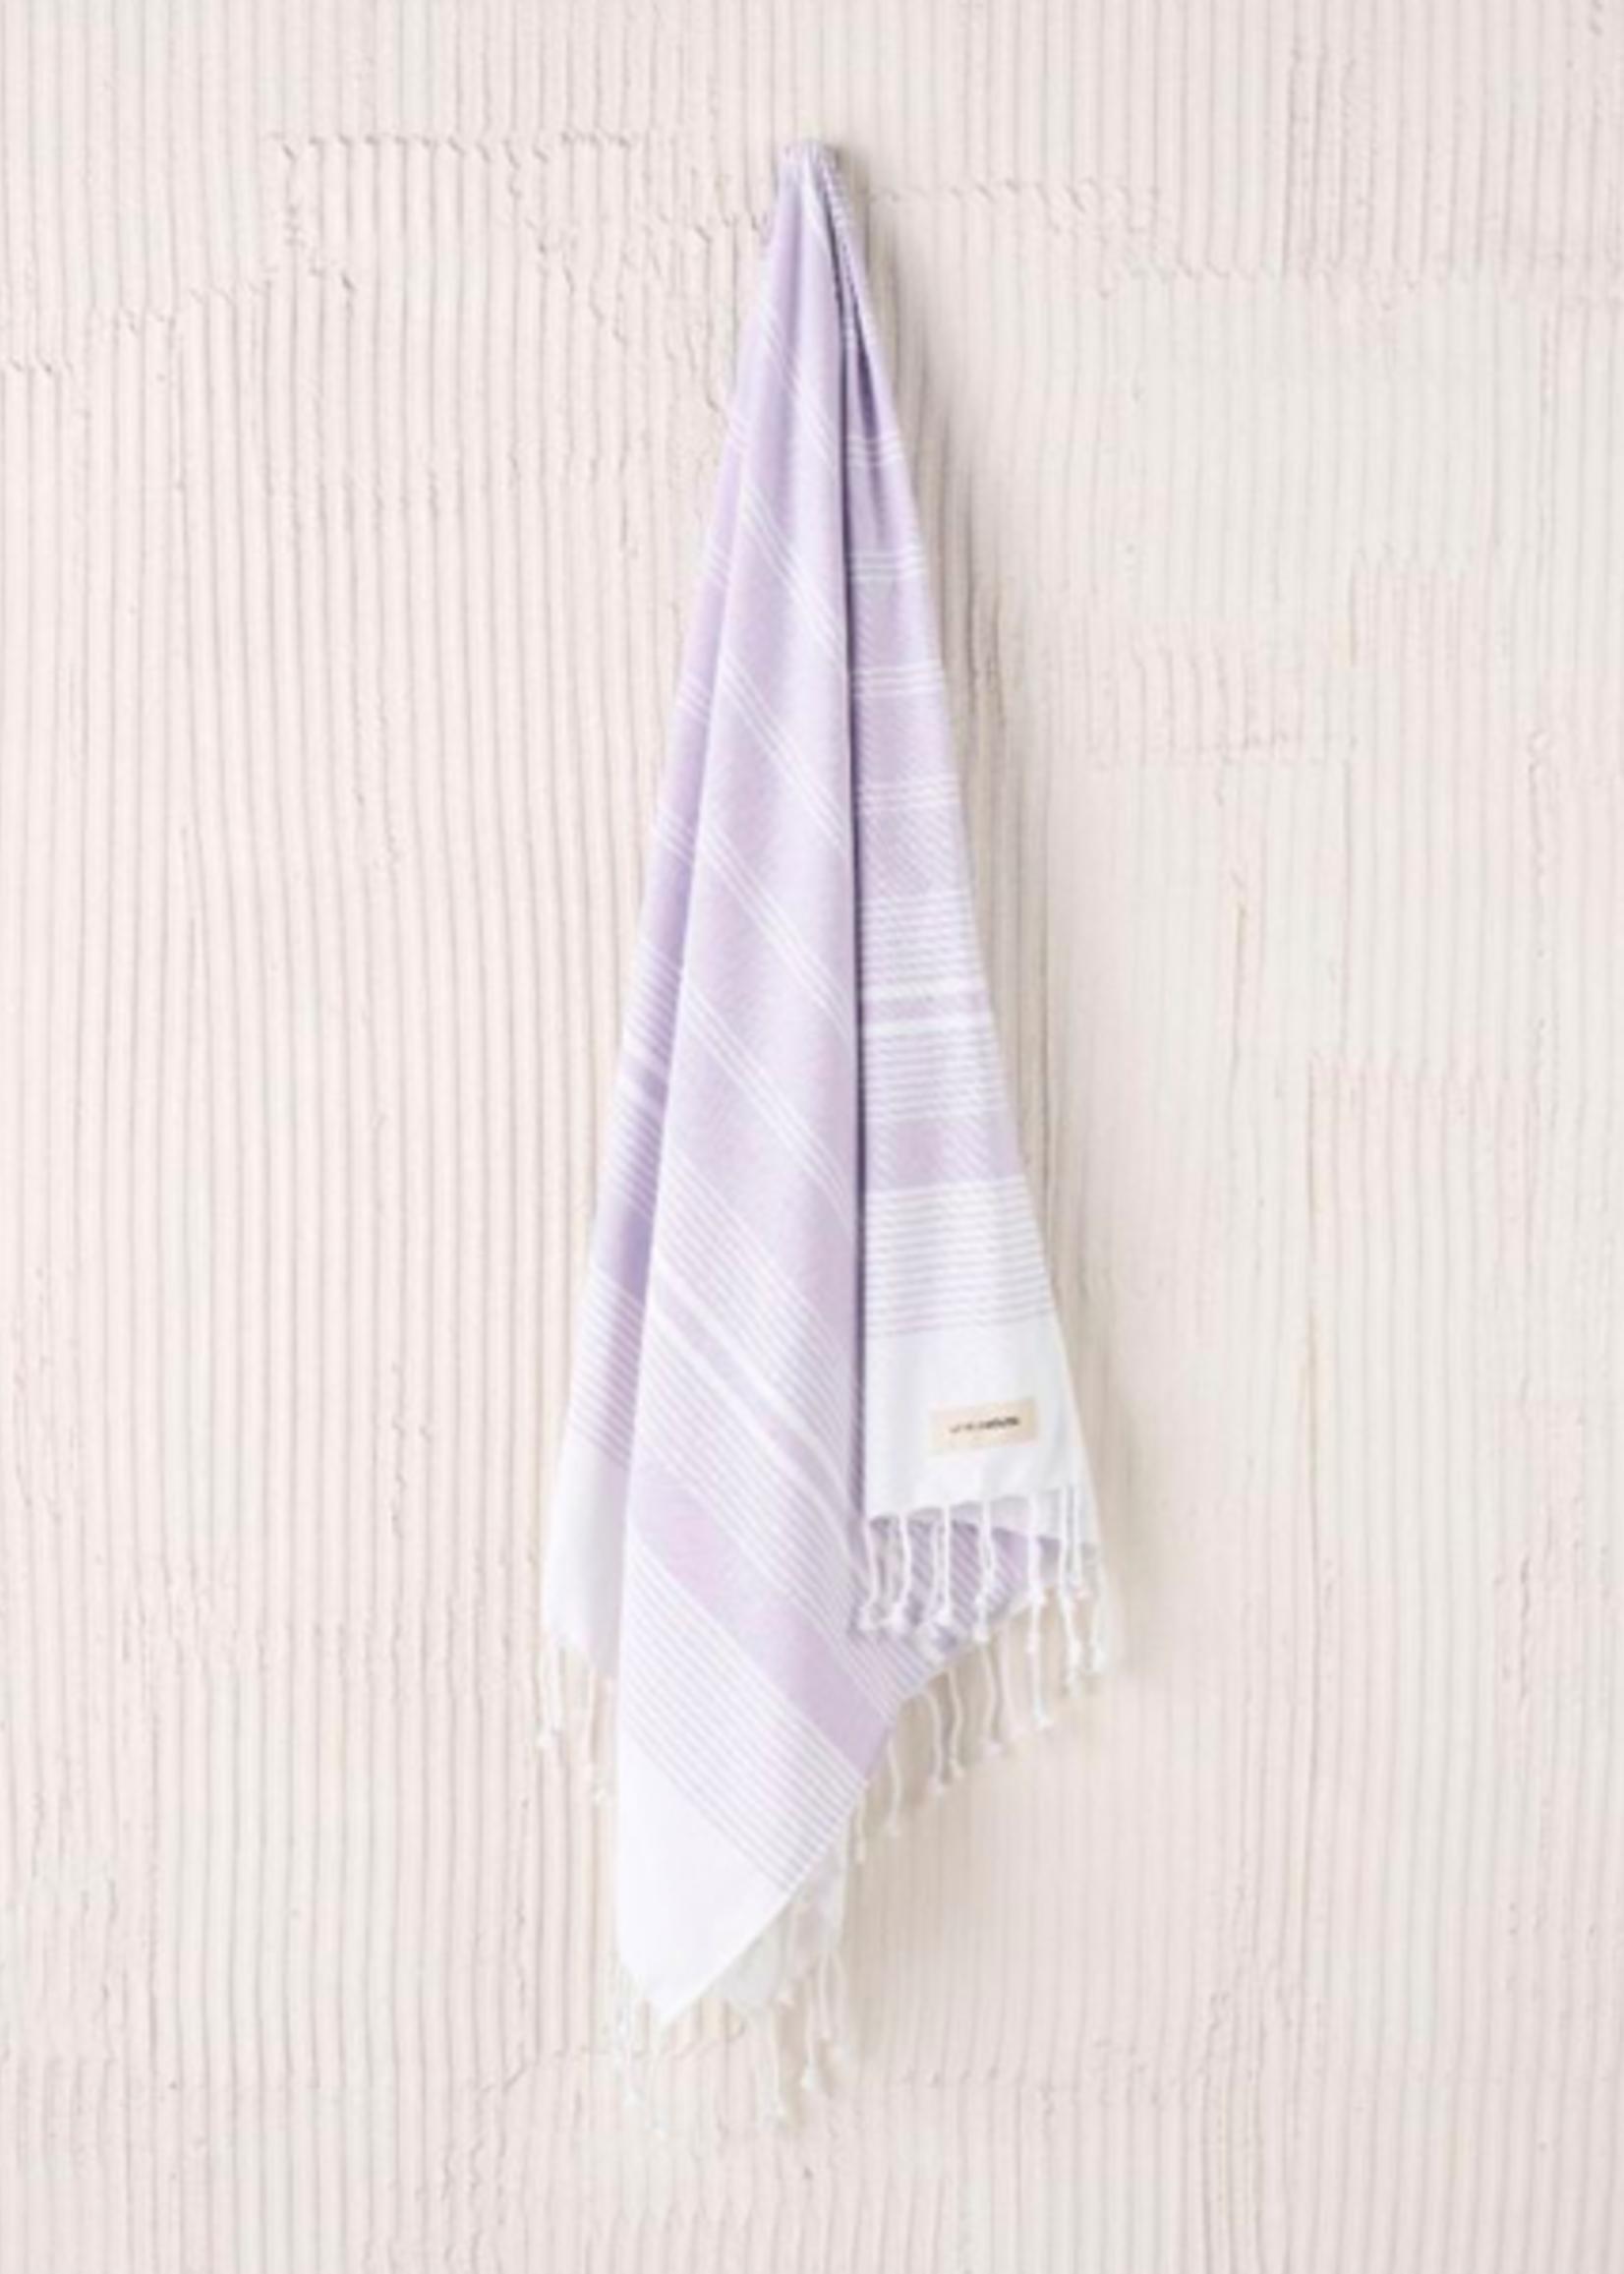 Linen House LH Beach Towel Hammam Burleigh Lilac